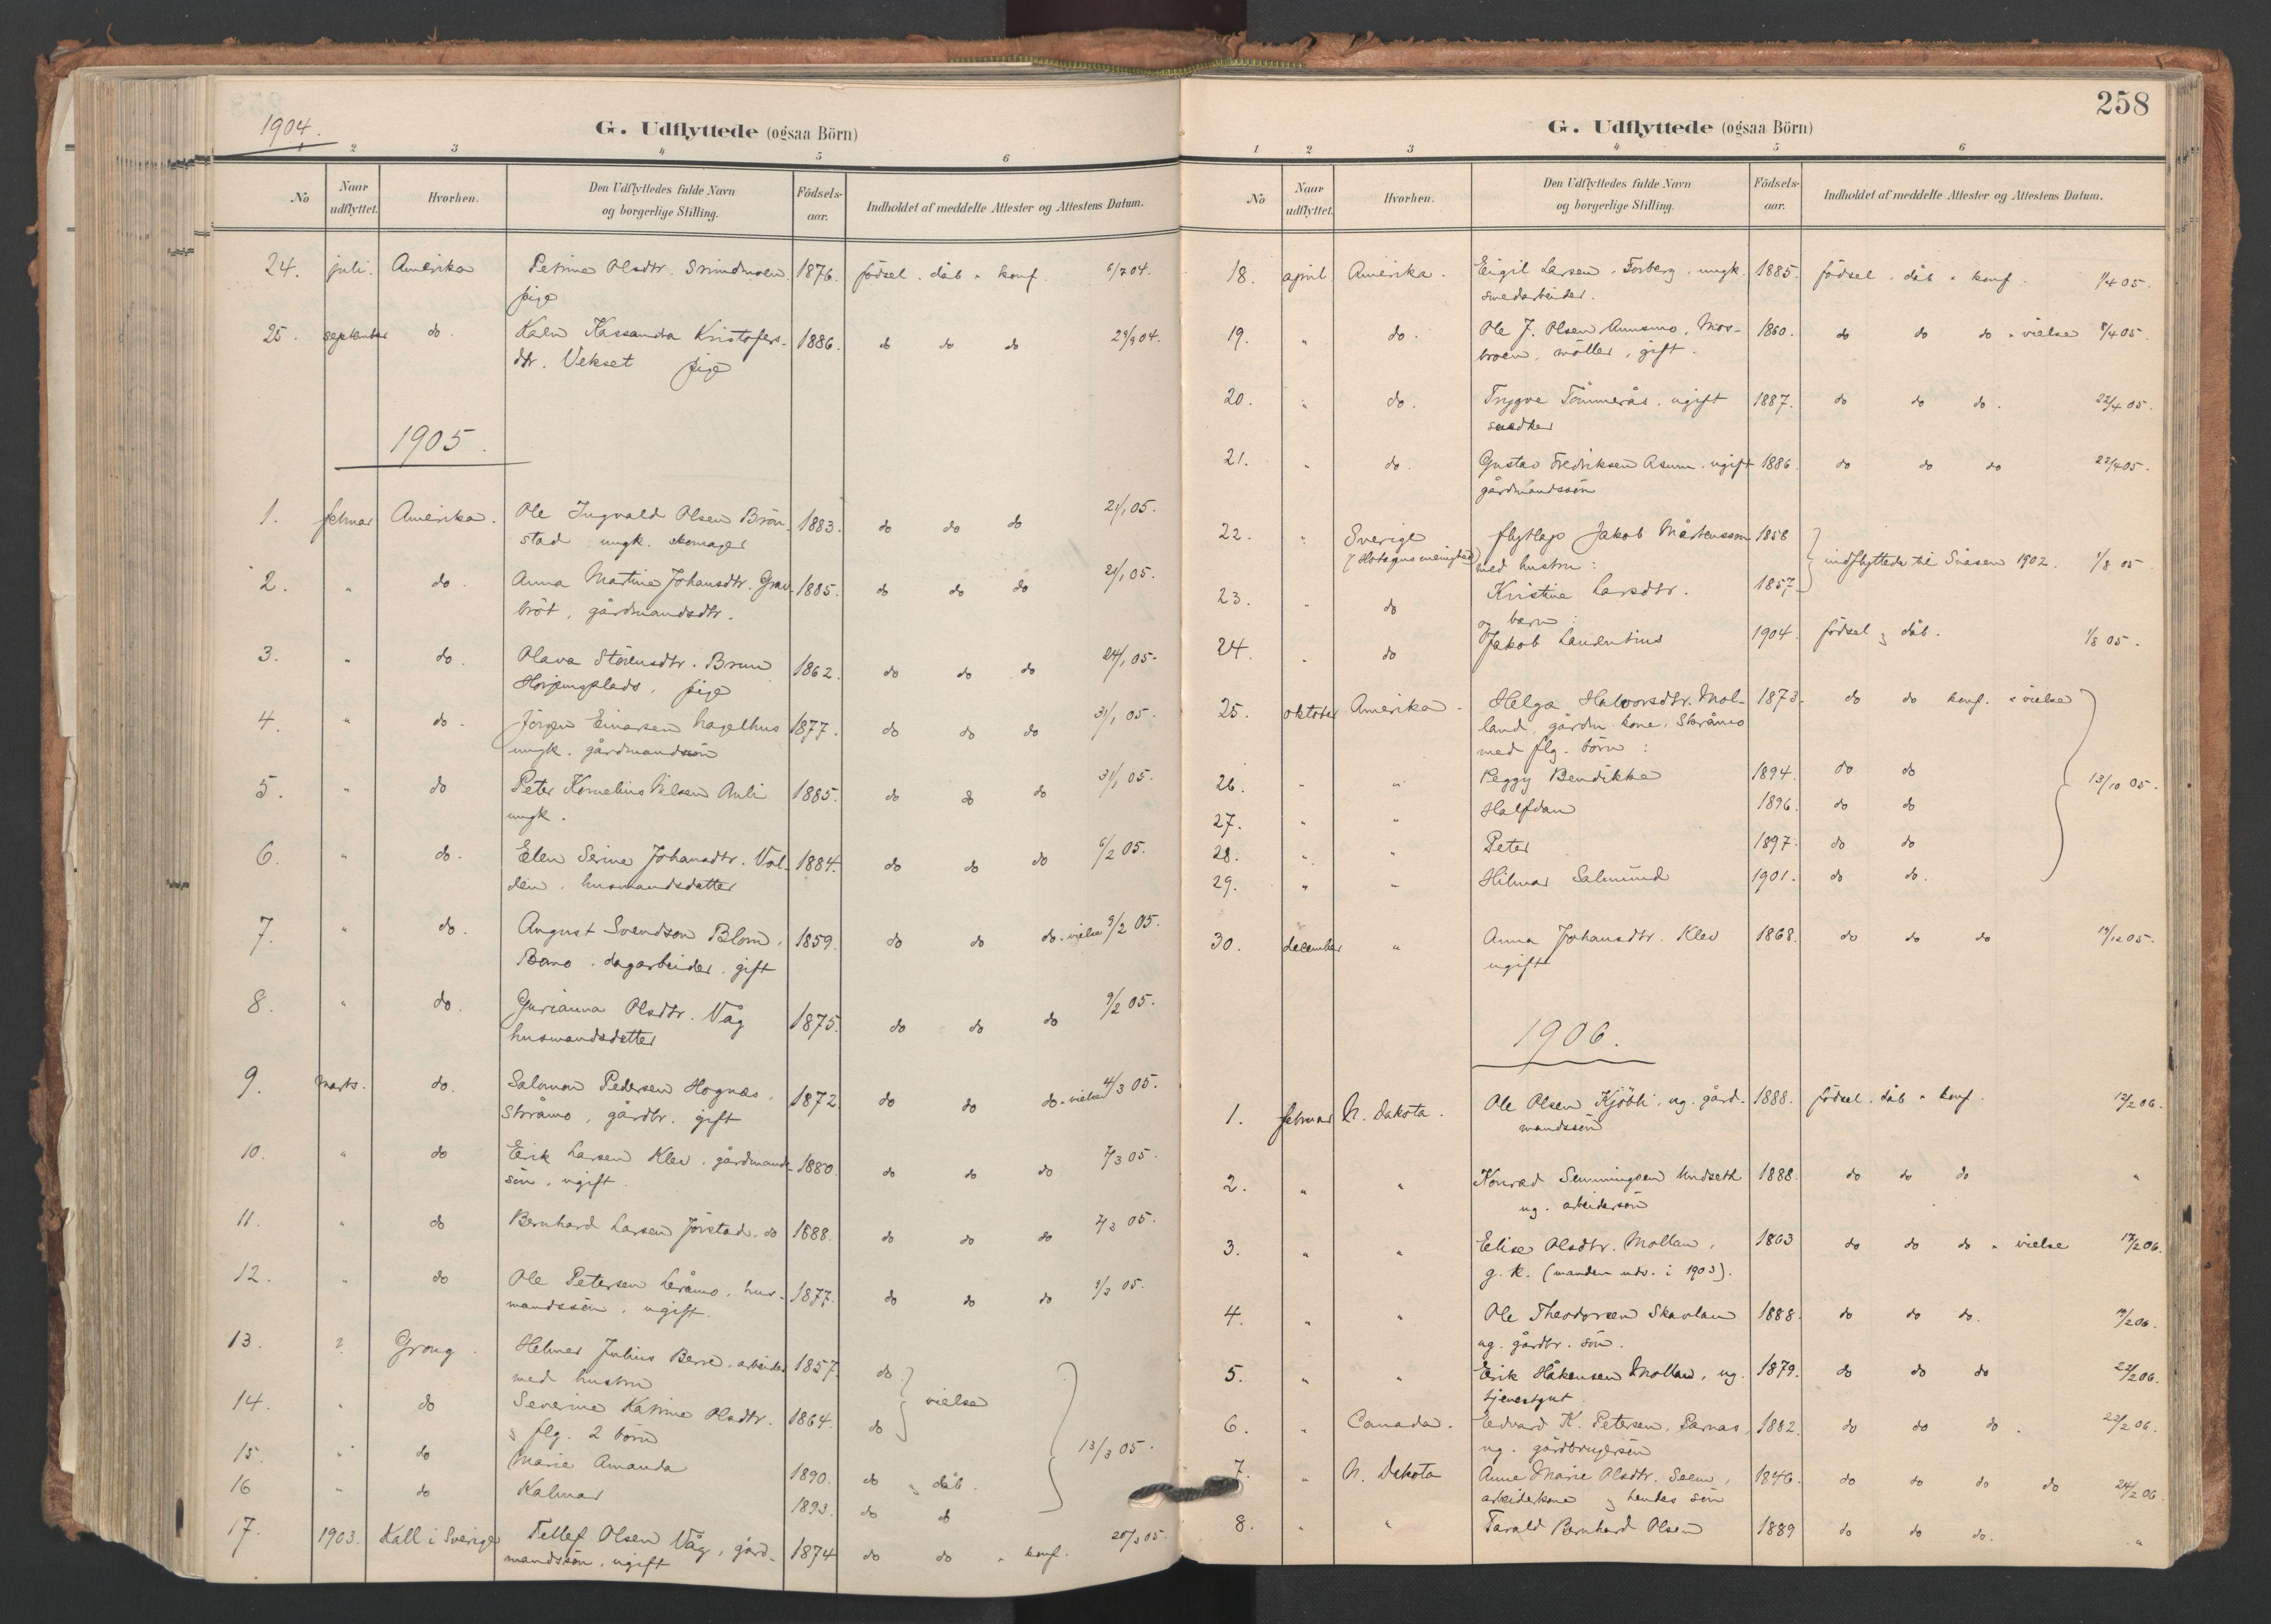 SAT, Ministerialprotokoller, klokkerbøker og fødselsregistre - Nord-Trøndelag, 749/L0477: Ministerialbok nr. 749A11, 1902-1927, s. 258